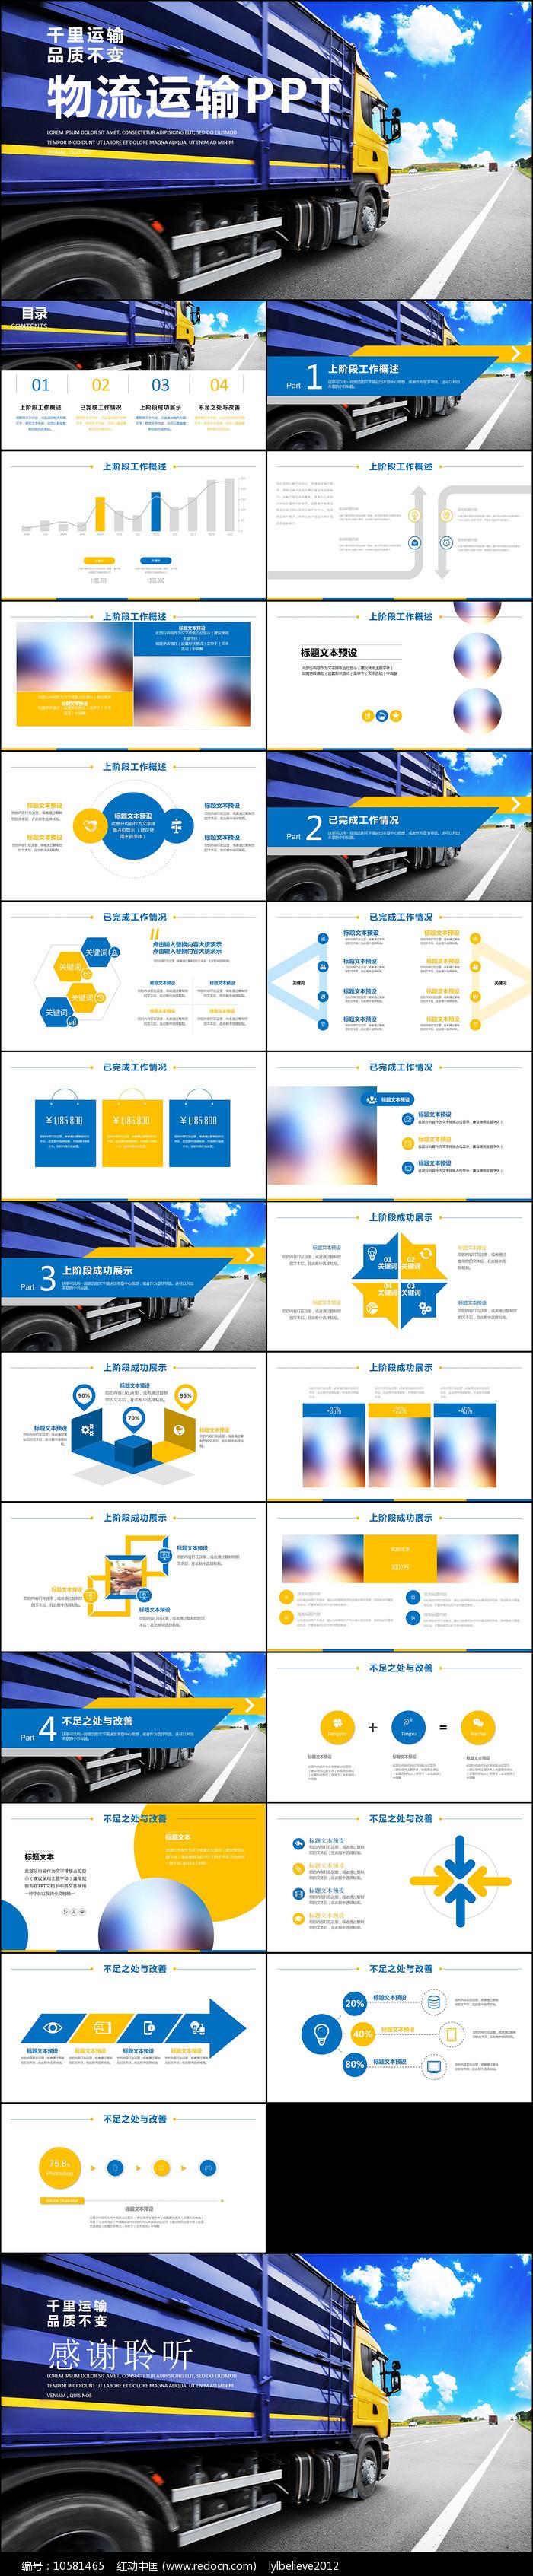 外贸货运物流运输配送快递PPT模板图片